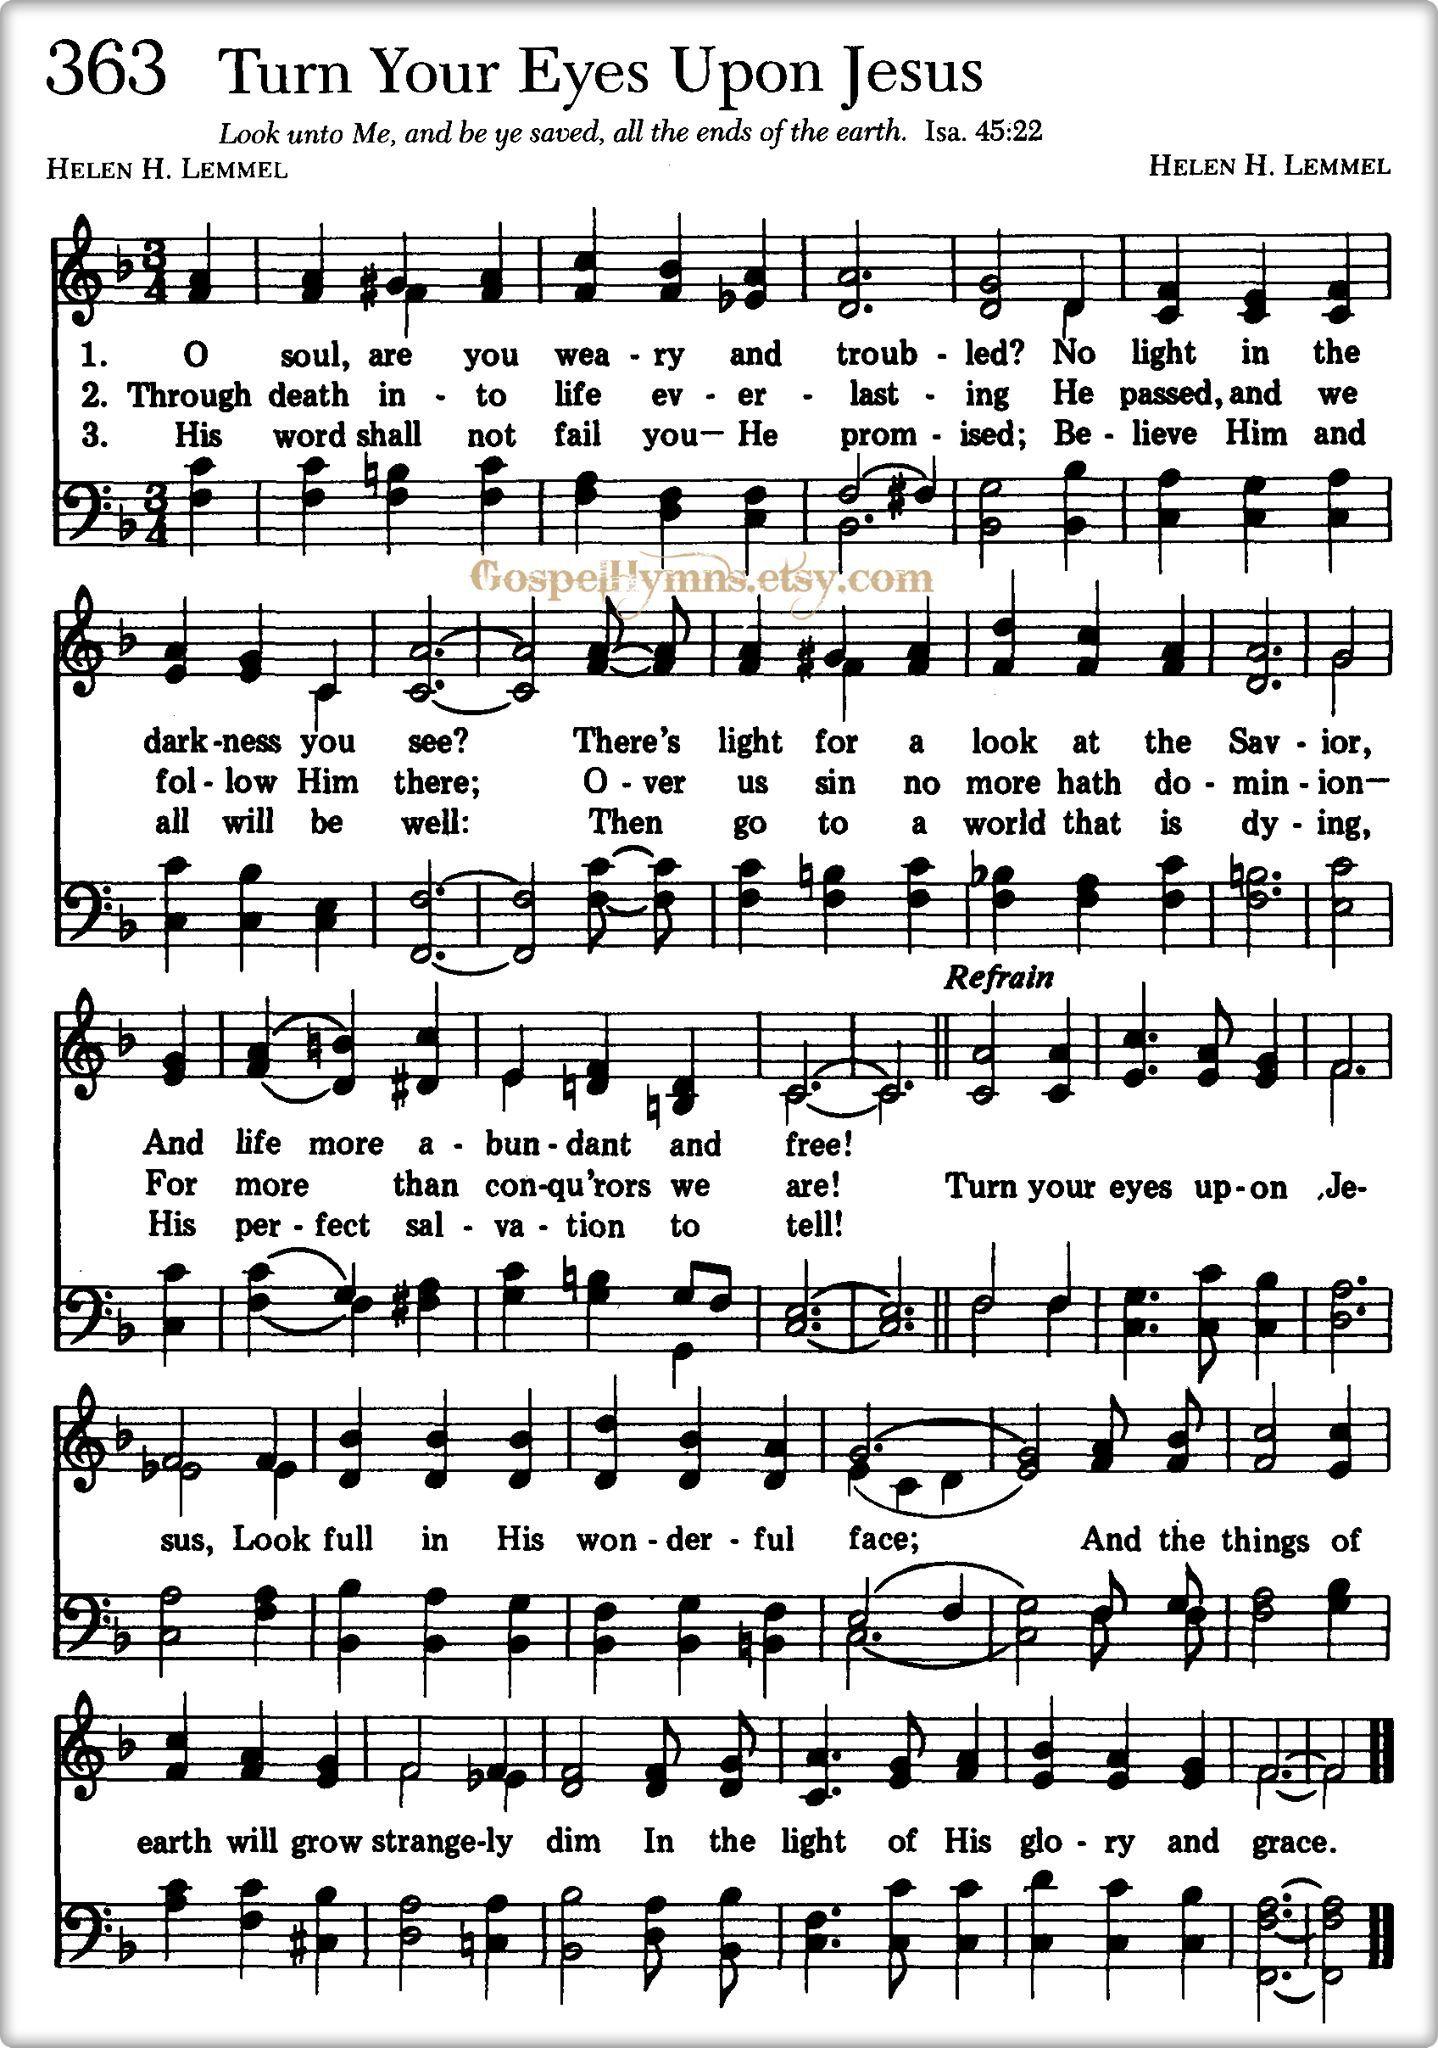 Lyrics to turn your eyes upon jesus